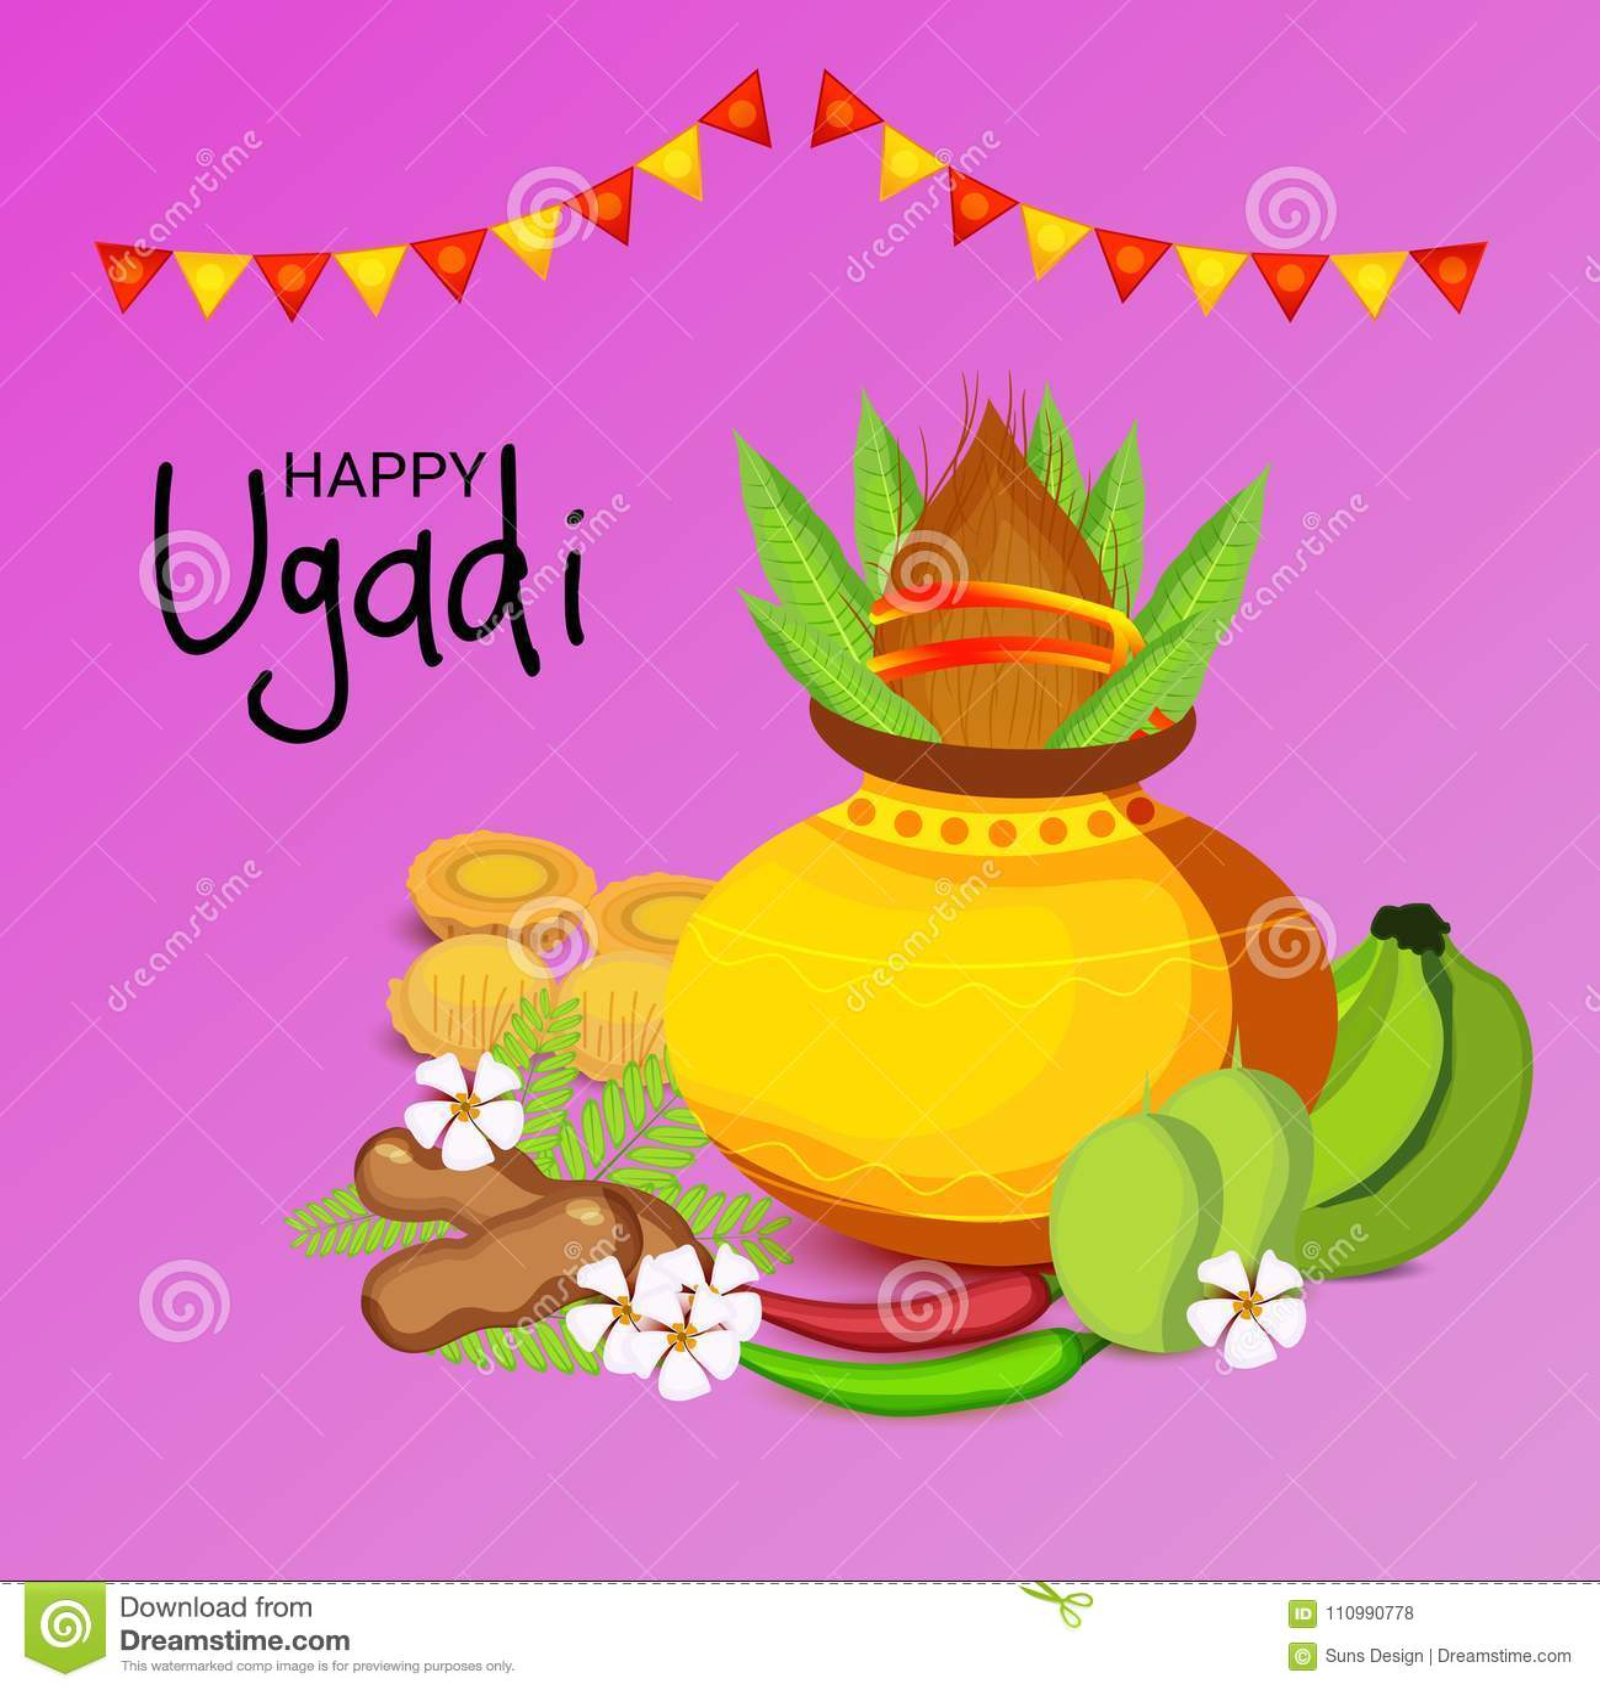 Happy ugadi hindu new year stock illustration illustration of happy ugadi hindu new year m4hsunfo